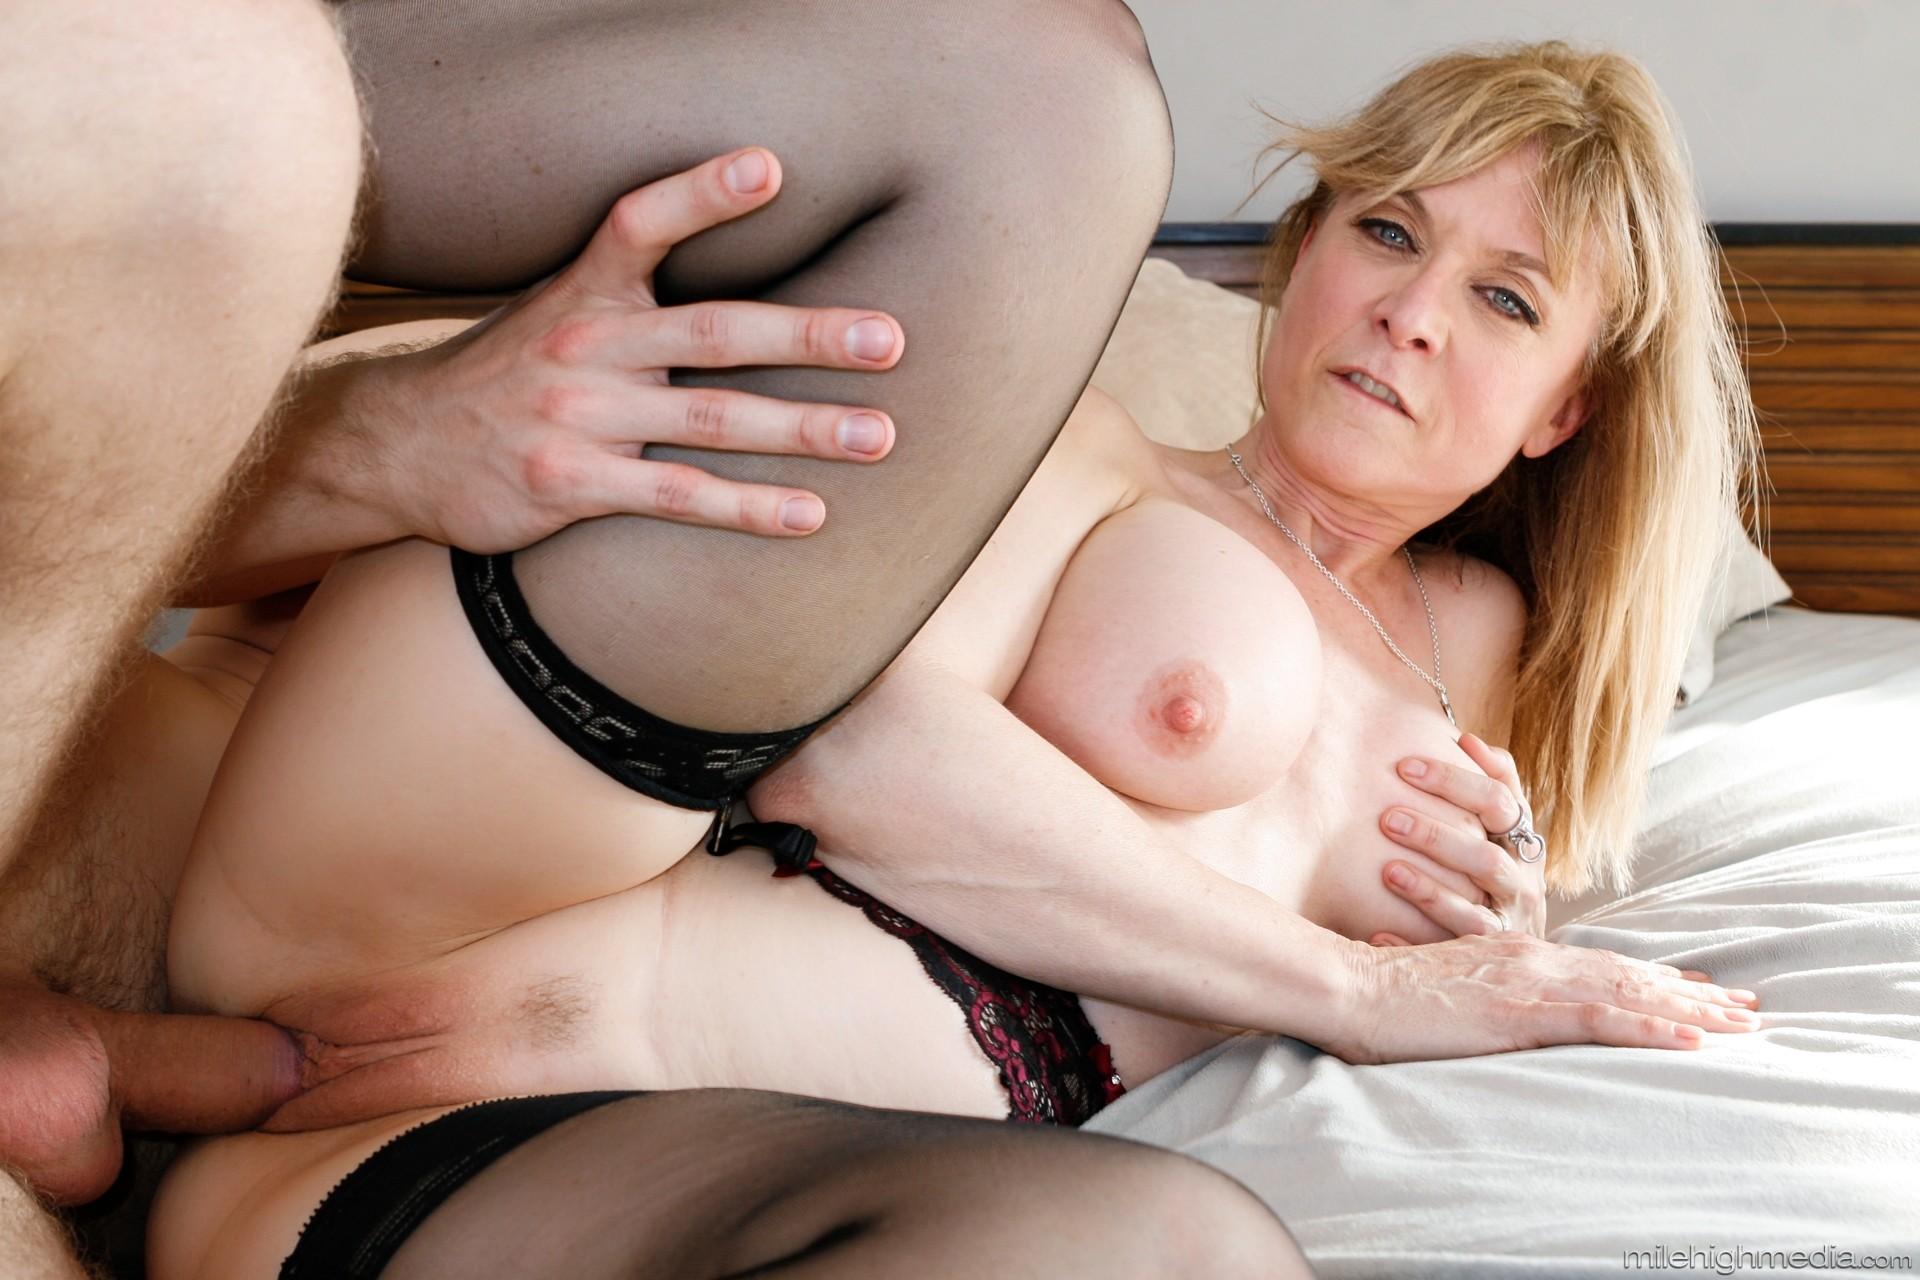 Продвинутый справочник нины хартли оральный секс смотреть онлайн